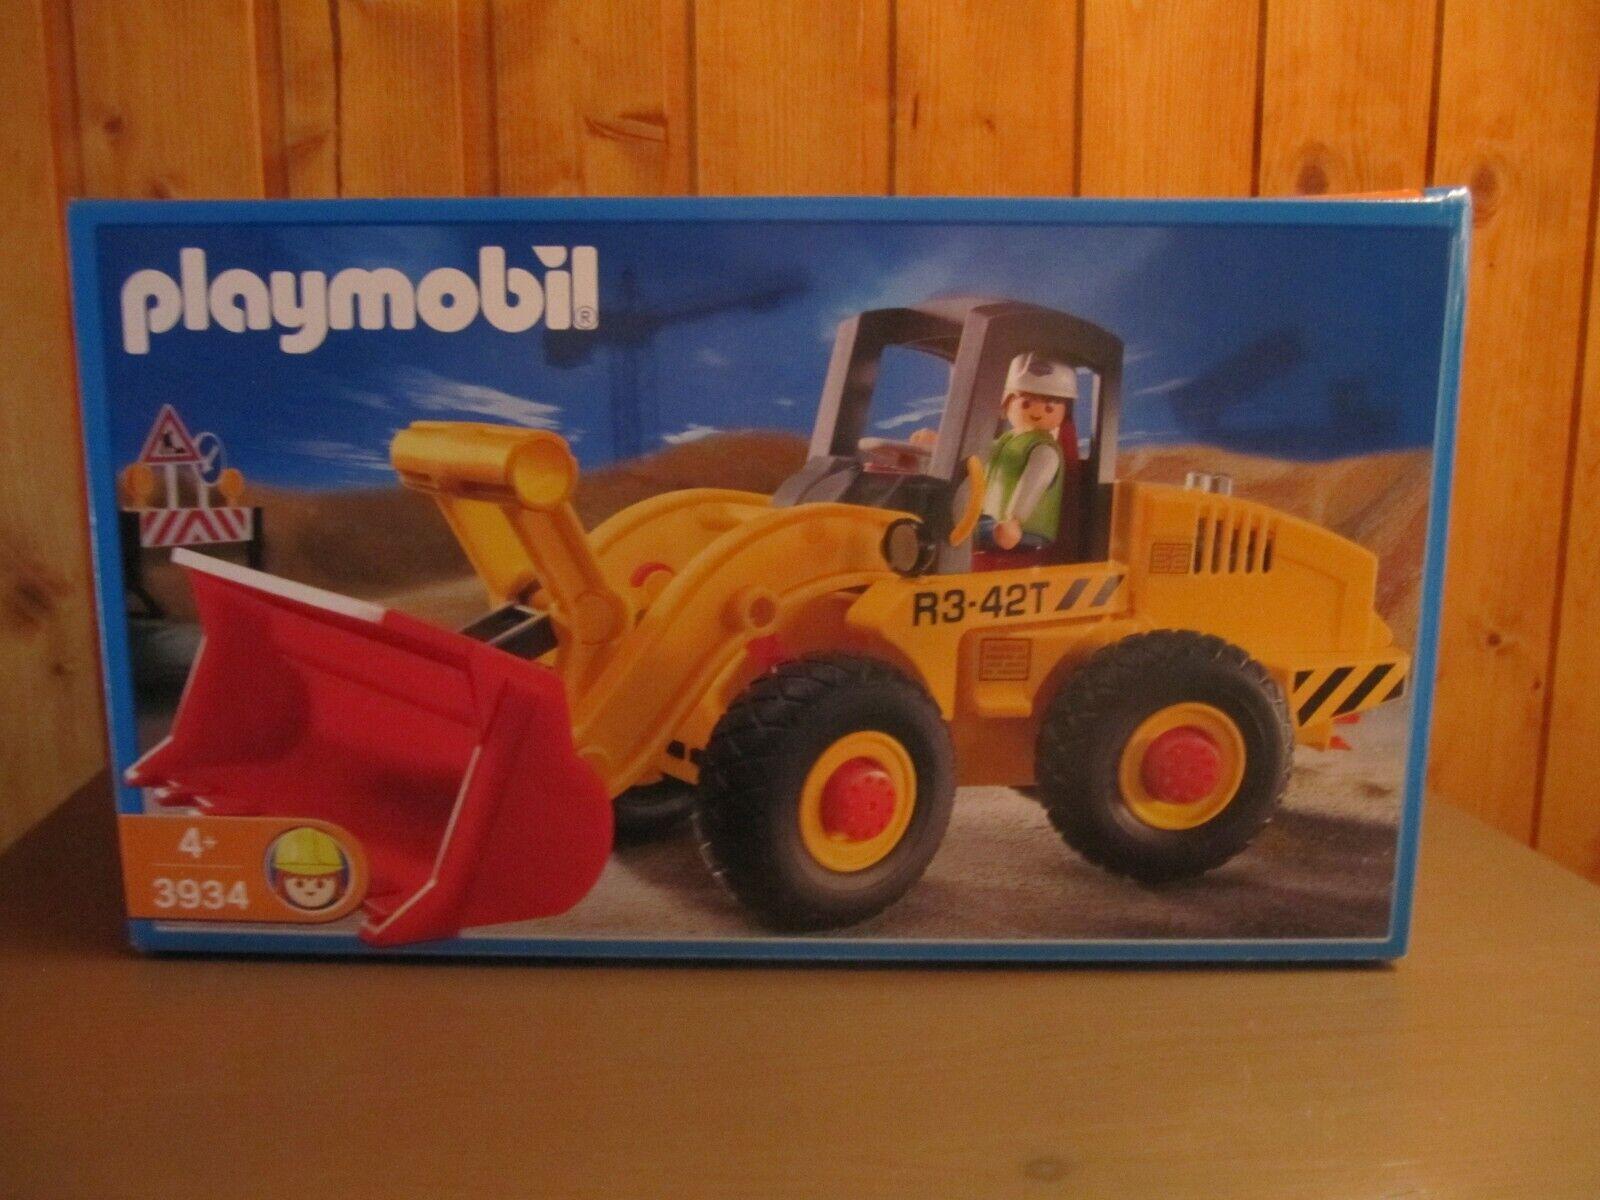 NEU  Playmobil 3934   Radlader   aus 2000 in ungeöffneter OVP  | Mangelware